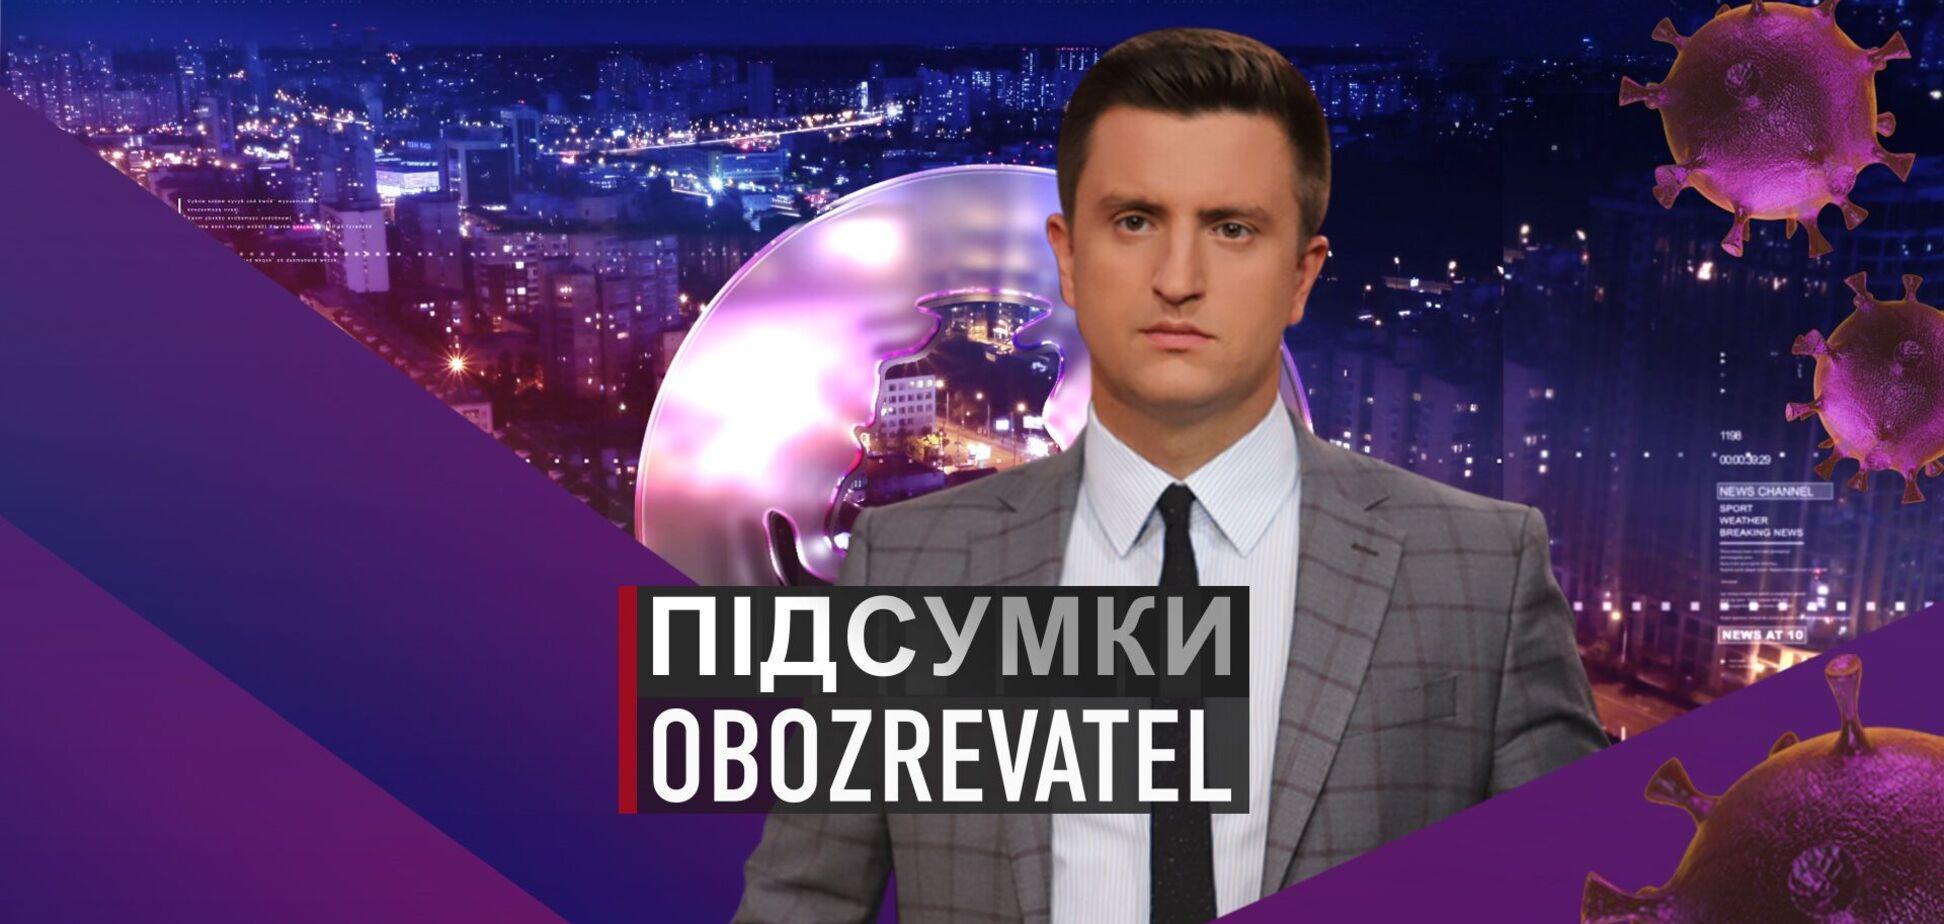 Підсумки с Вадимом Колодийчуком. Понедельник, 26 апреля